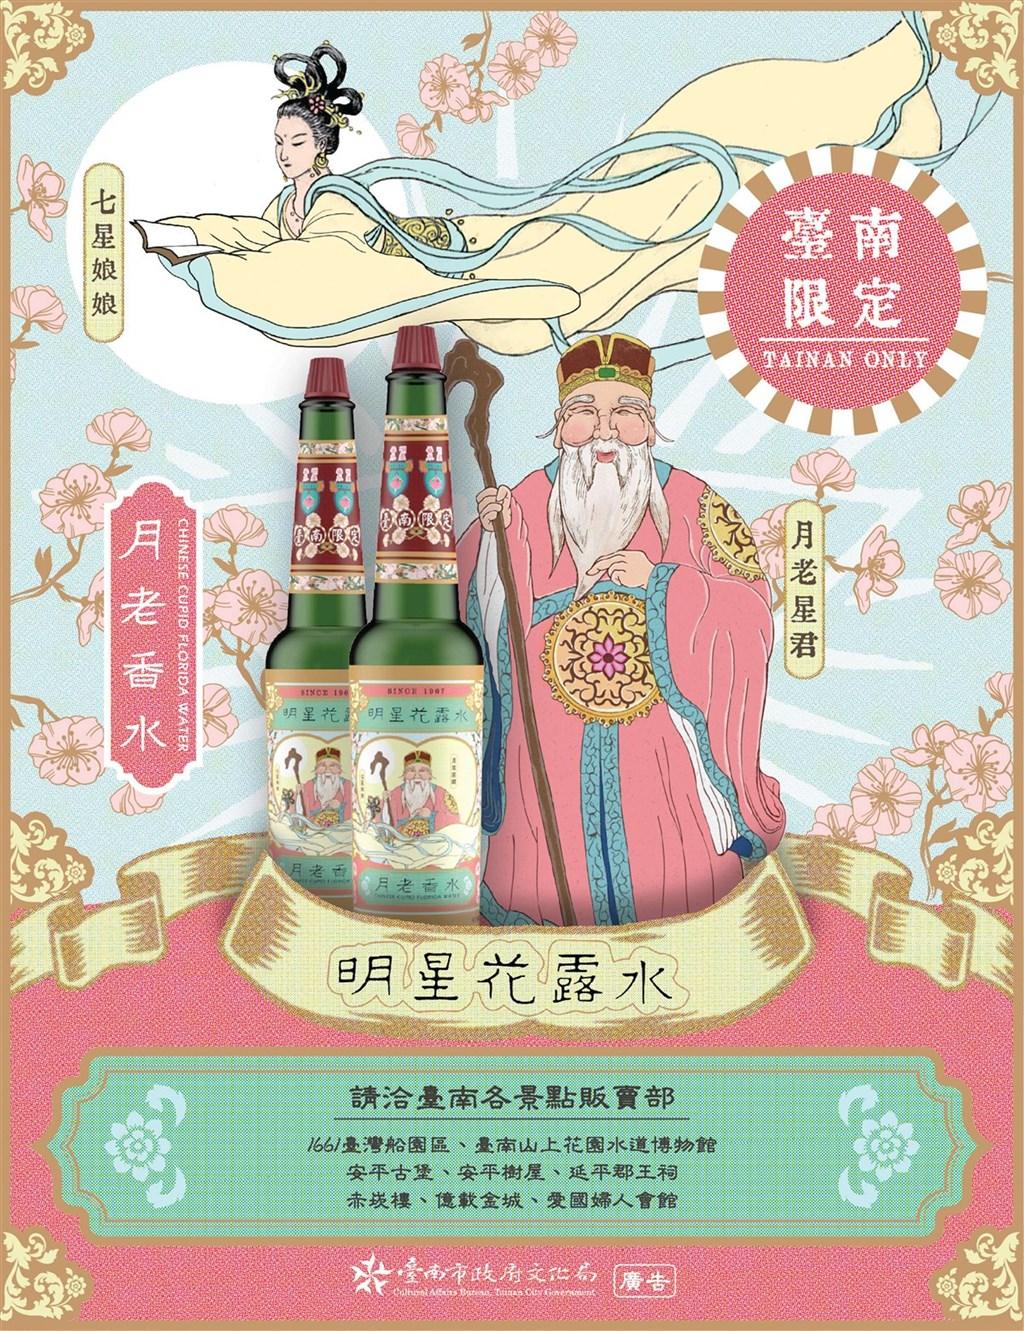 台南市政府今年和有113年歷史的經典品牌「明星花露水」共同推出「台南限定月老香水」,即日起在8處台南古蹟景點獨家販售。(台南市政府提供)中央社記者張榮祥台南傳真 109年8月14日